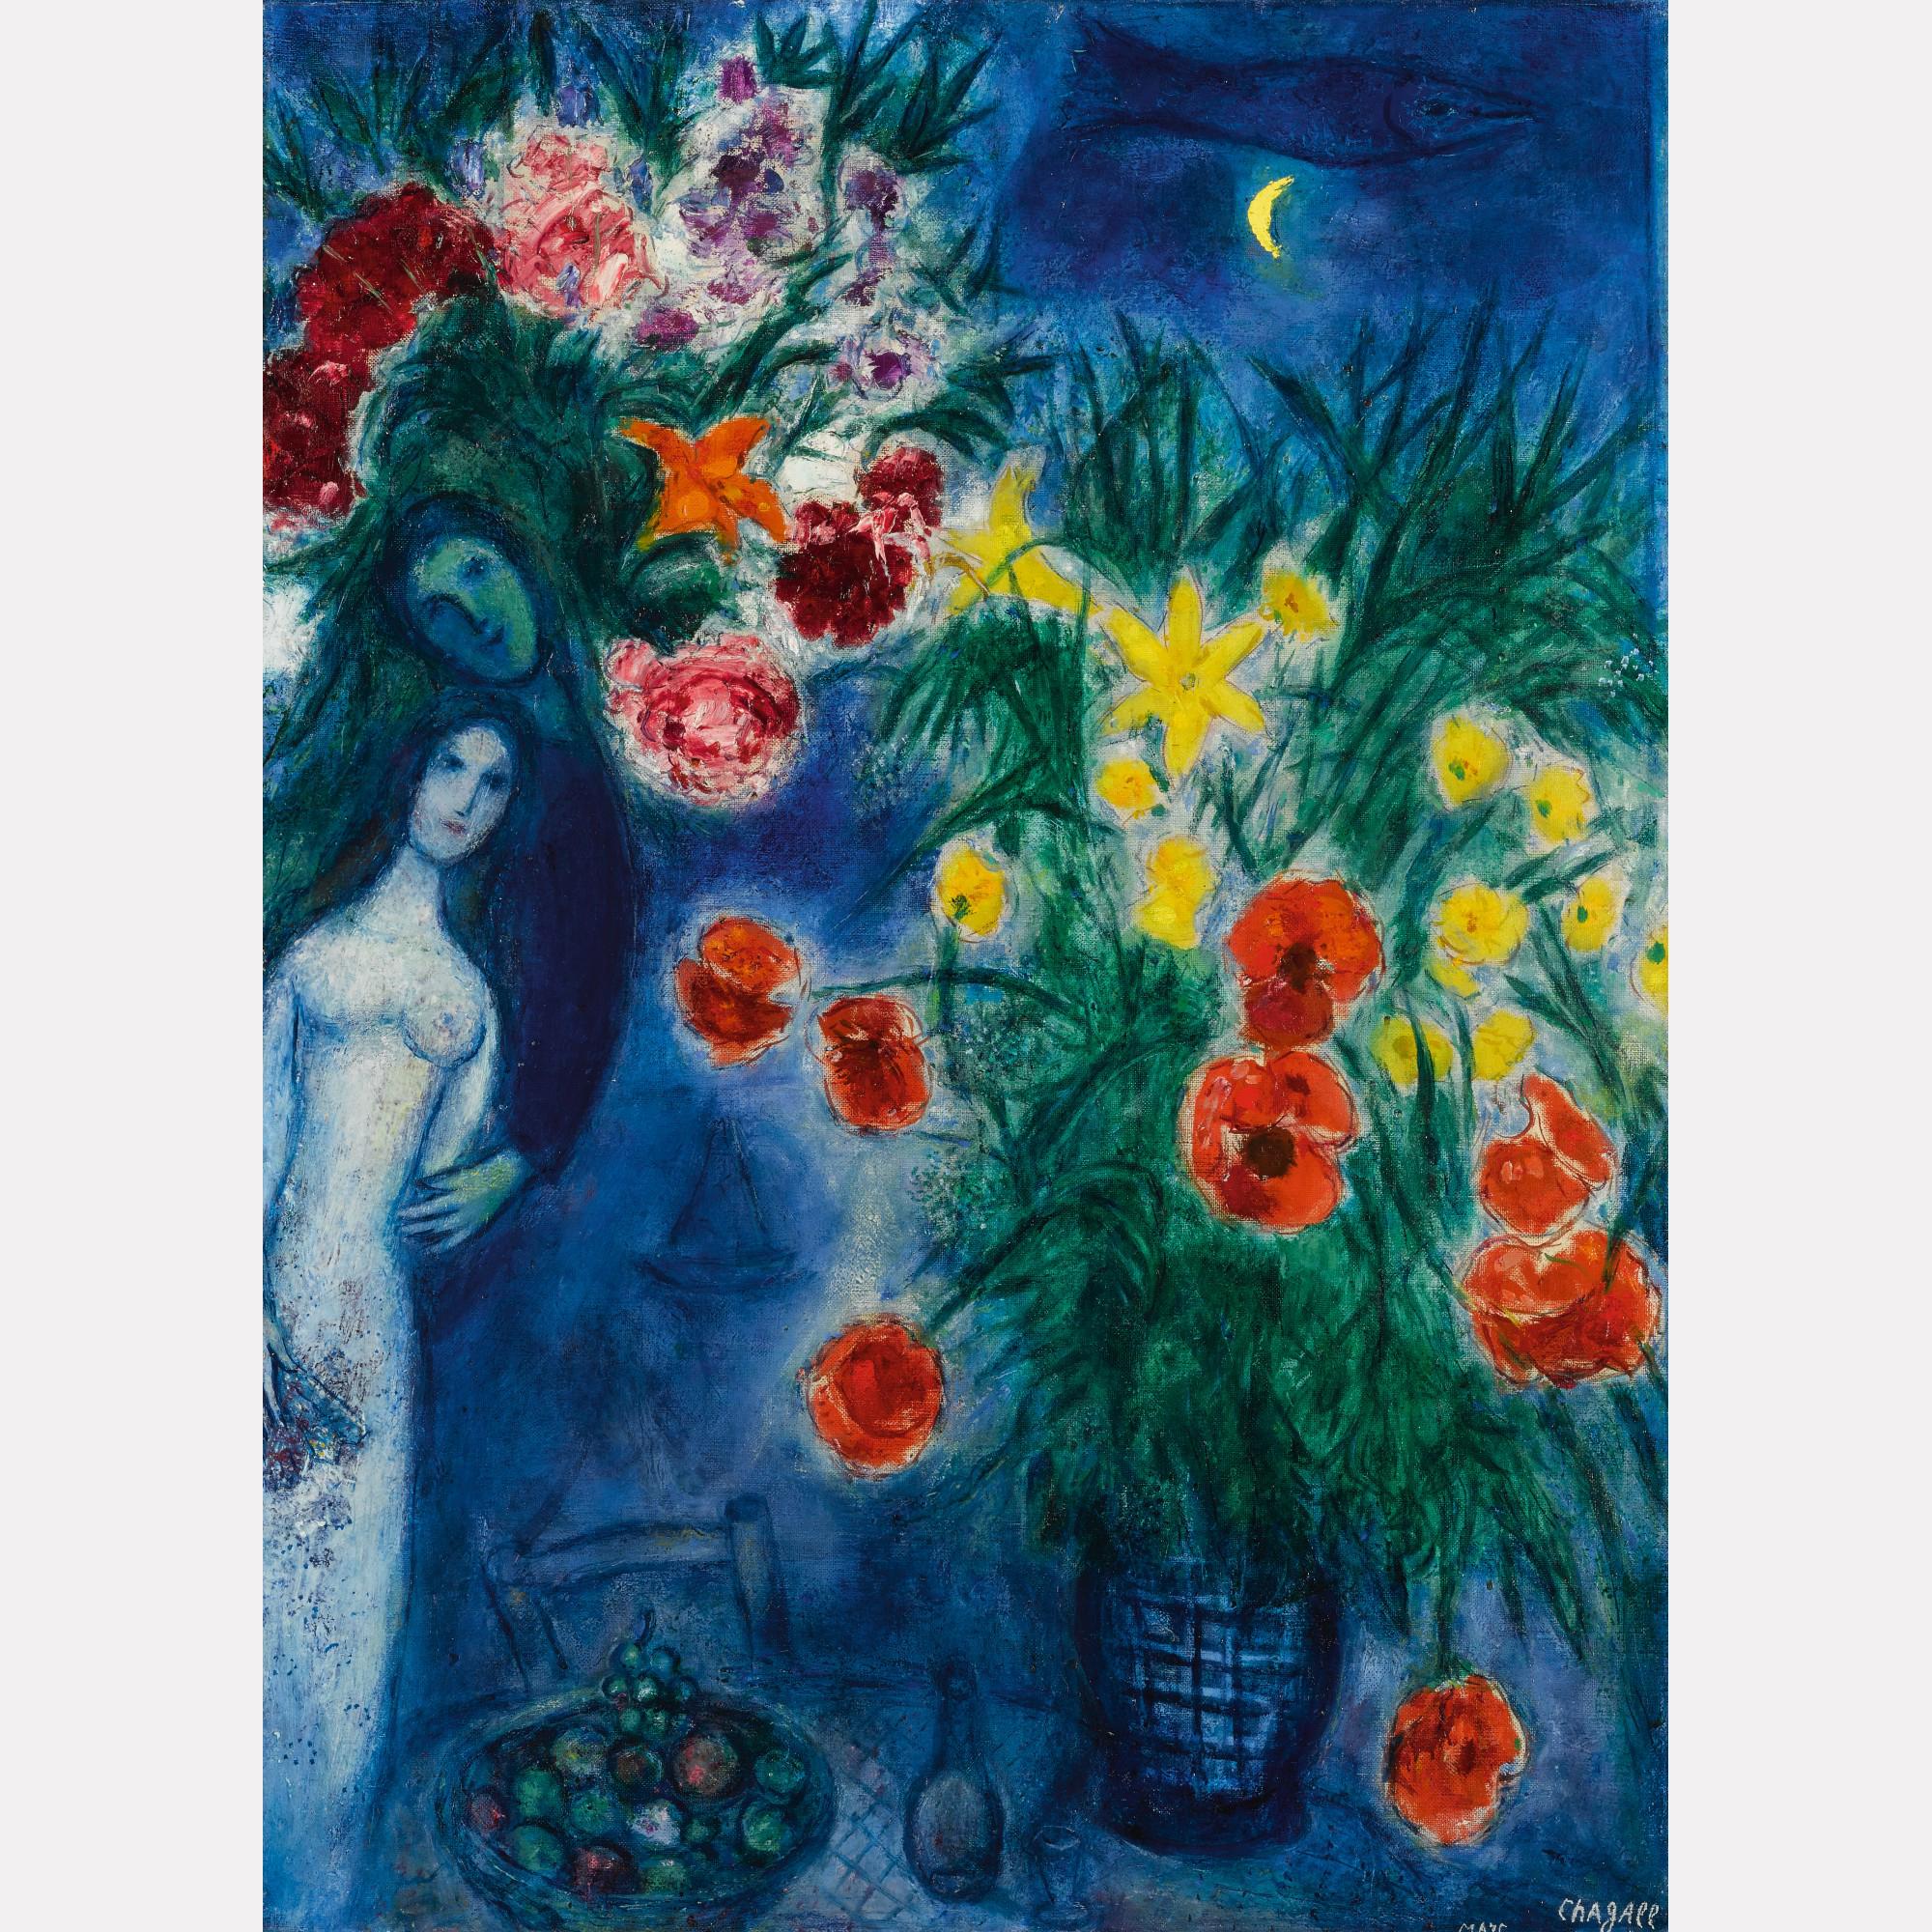 Марк Шагал. «Влюбленные среди маков» / © Аукционный дом Sotheby's